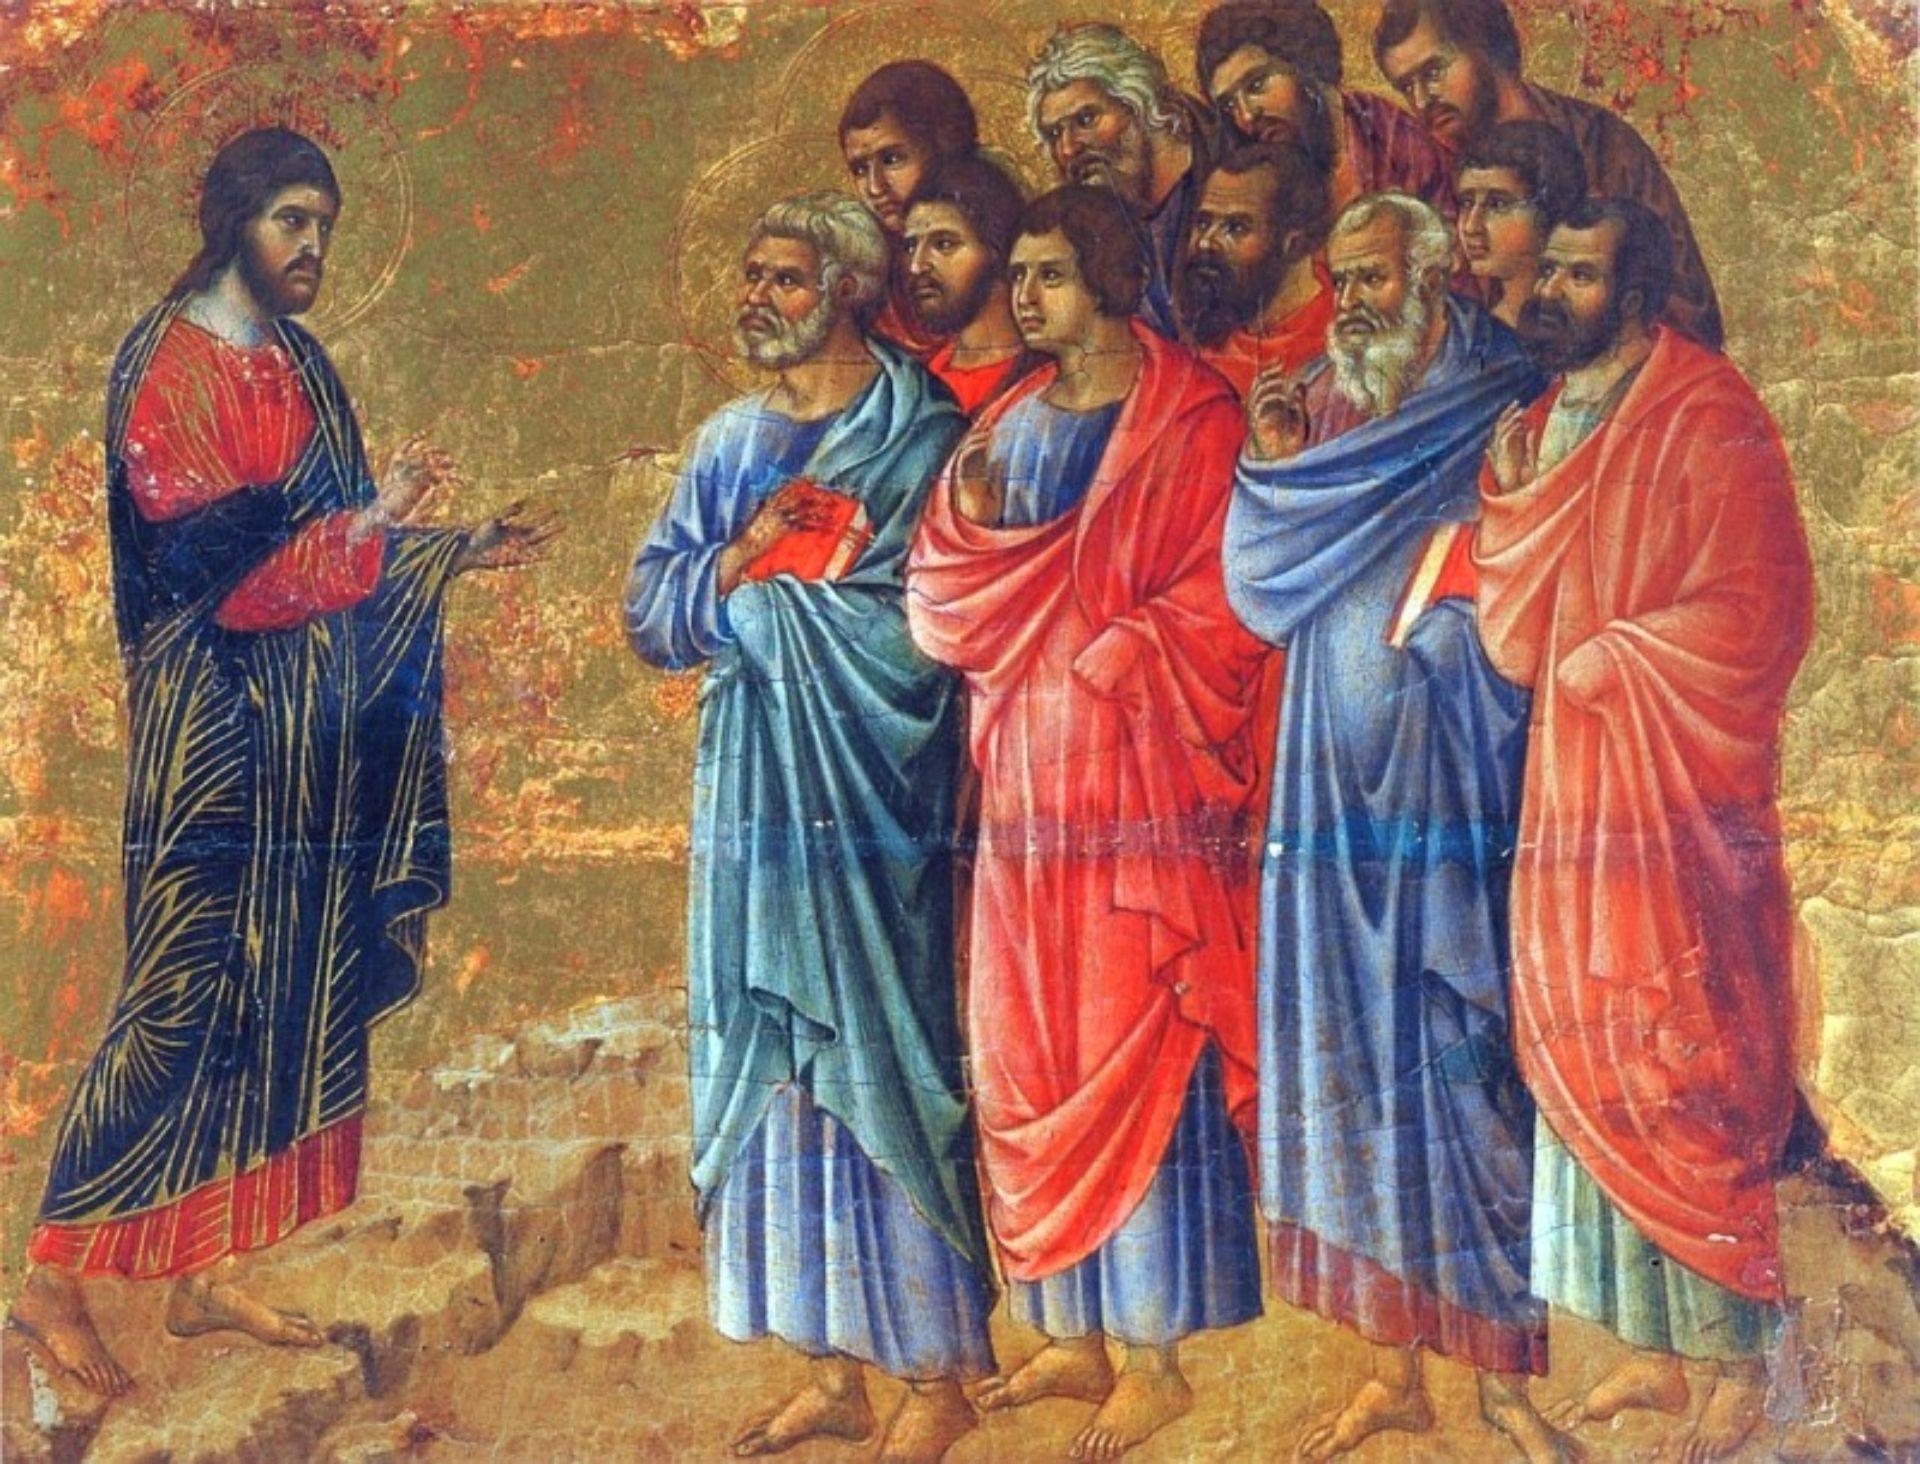 Утверждена программа Сарапульского Казанского крестного хода с иконой Святителя и Чудотворца Николая из села Николо-Березовка с 20 июля по 9 августа 2018 года.